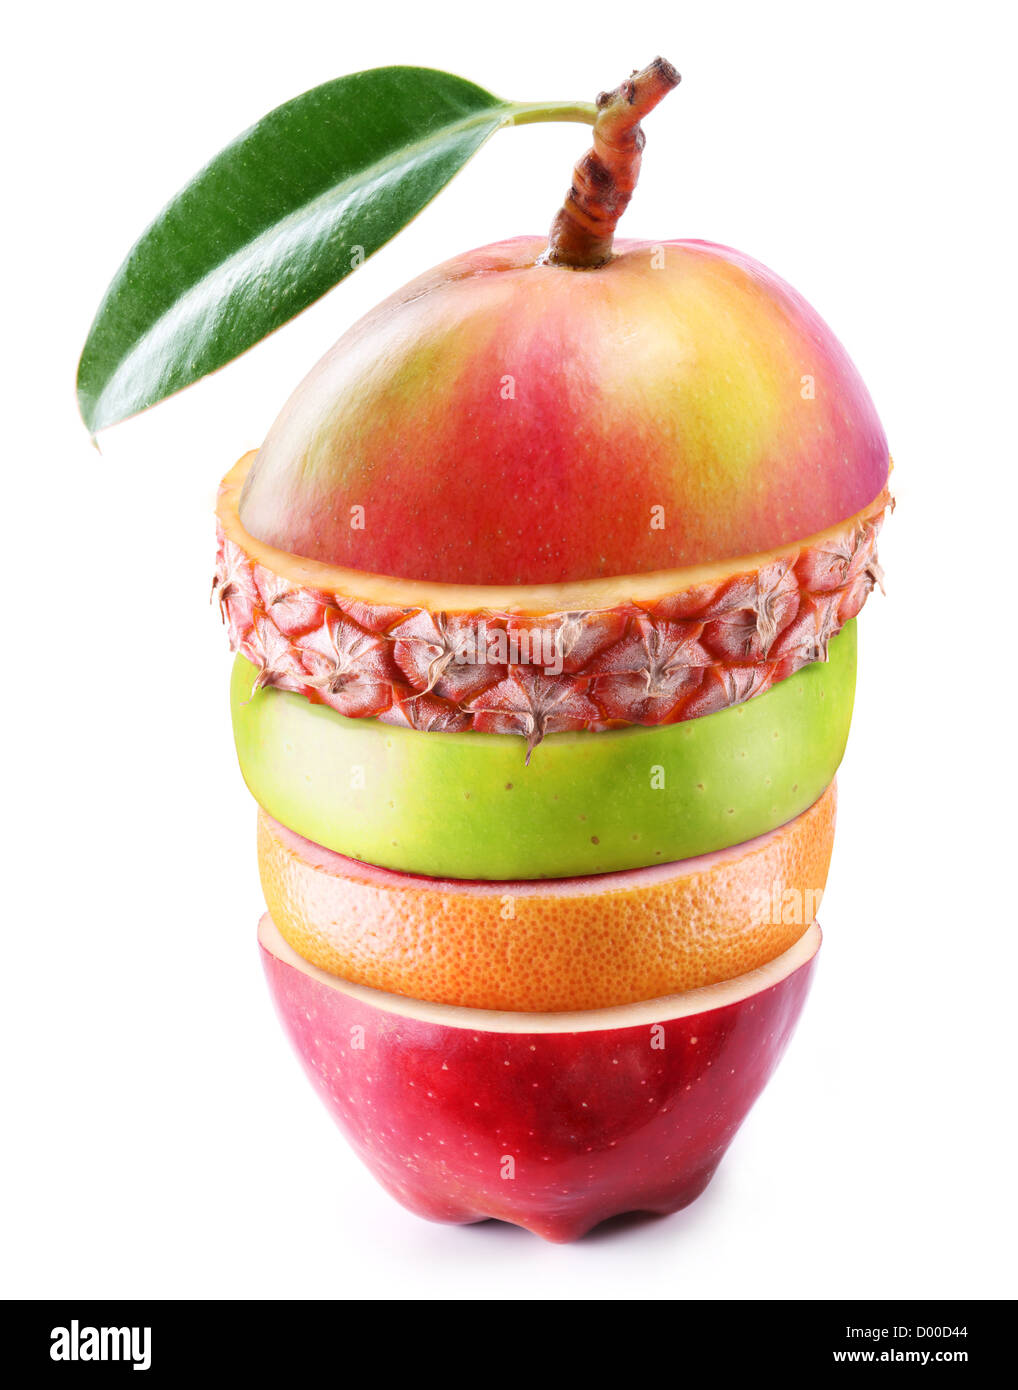 Mezclar la fruta, dispuestas en capas. Exóticos y fabulosos de mango. Aislado en blanco. Imagen De Stock